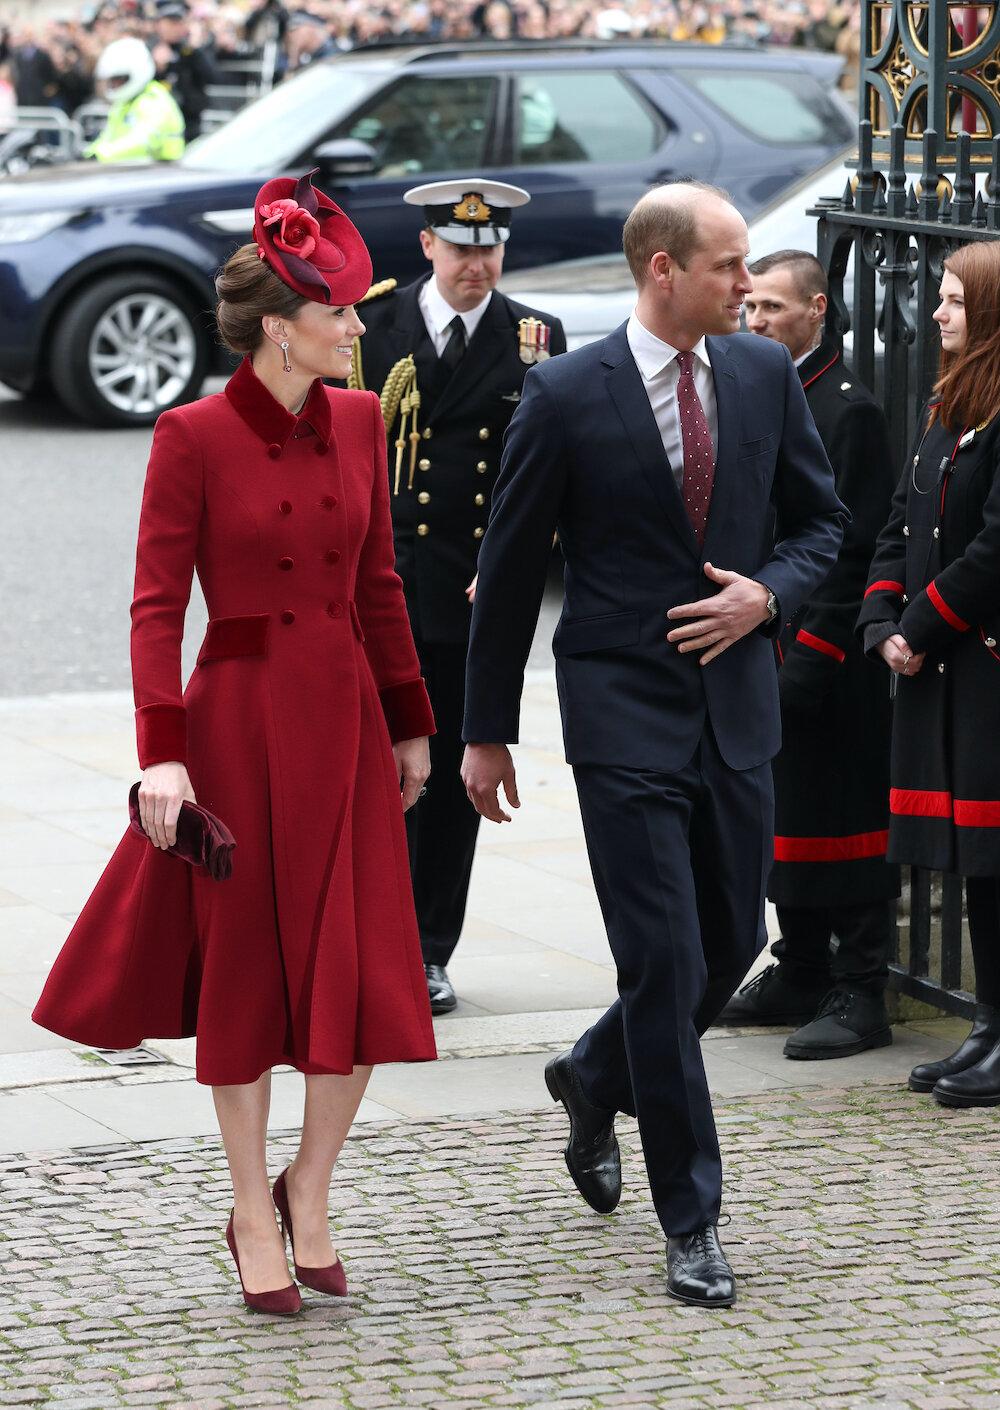 Herzogin Kate trug ein rotes Mantelkleid für den Gottesdienst. © picture alliance / empics